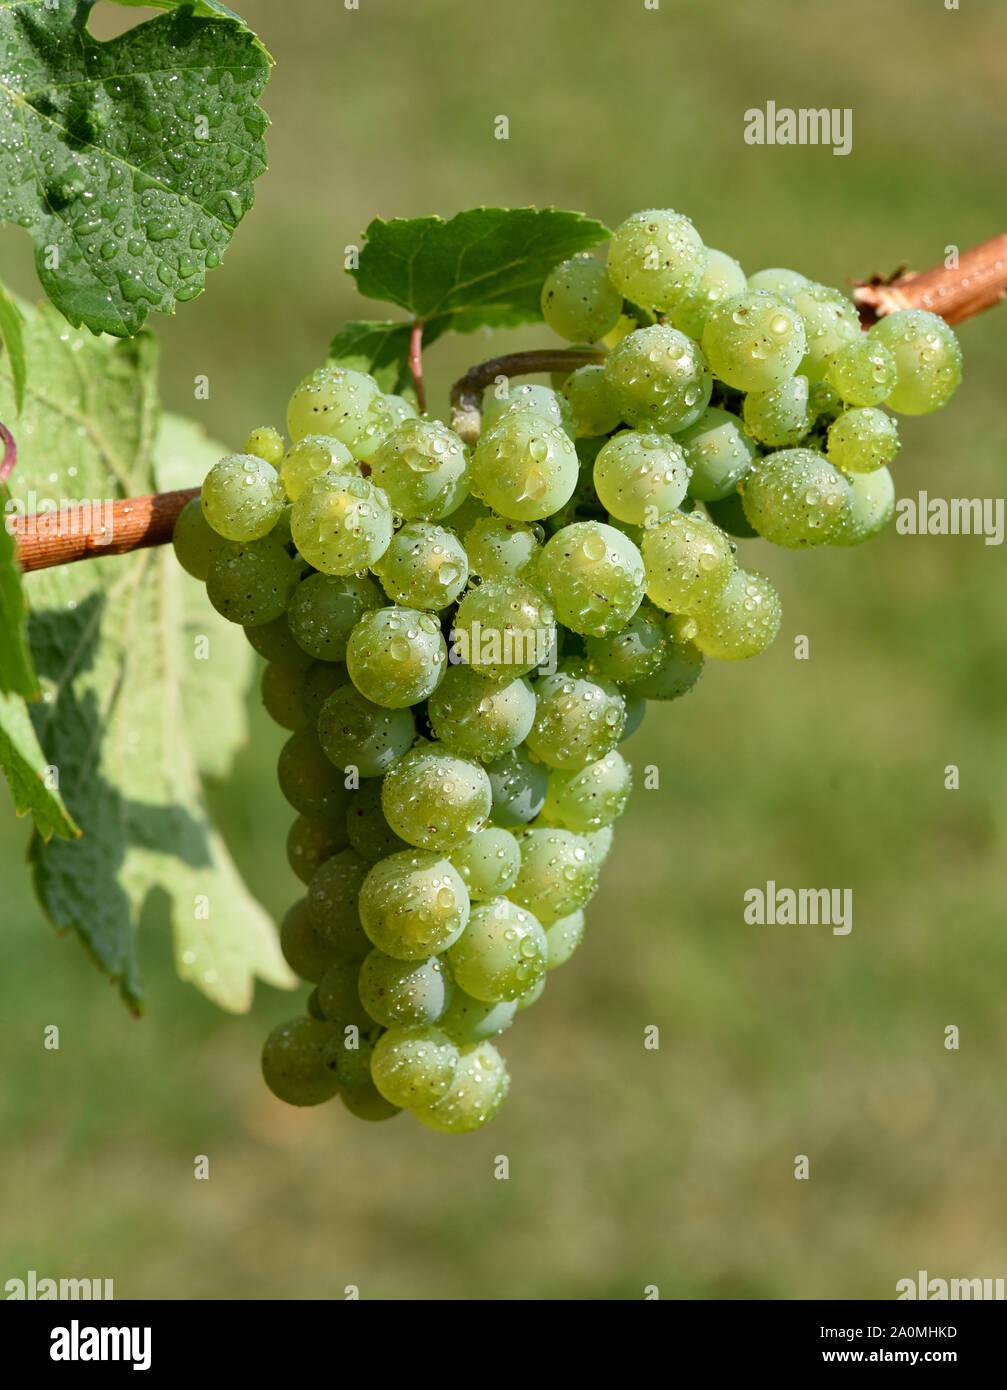 Die Rieslingrebe ist eine Weissweinsorte, die hauptsaechlich am Rhein und an der Mosel zu Wein vergoren wird. The Riesling vine is a white wine variet Stock Photo